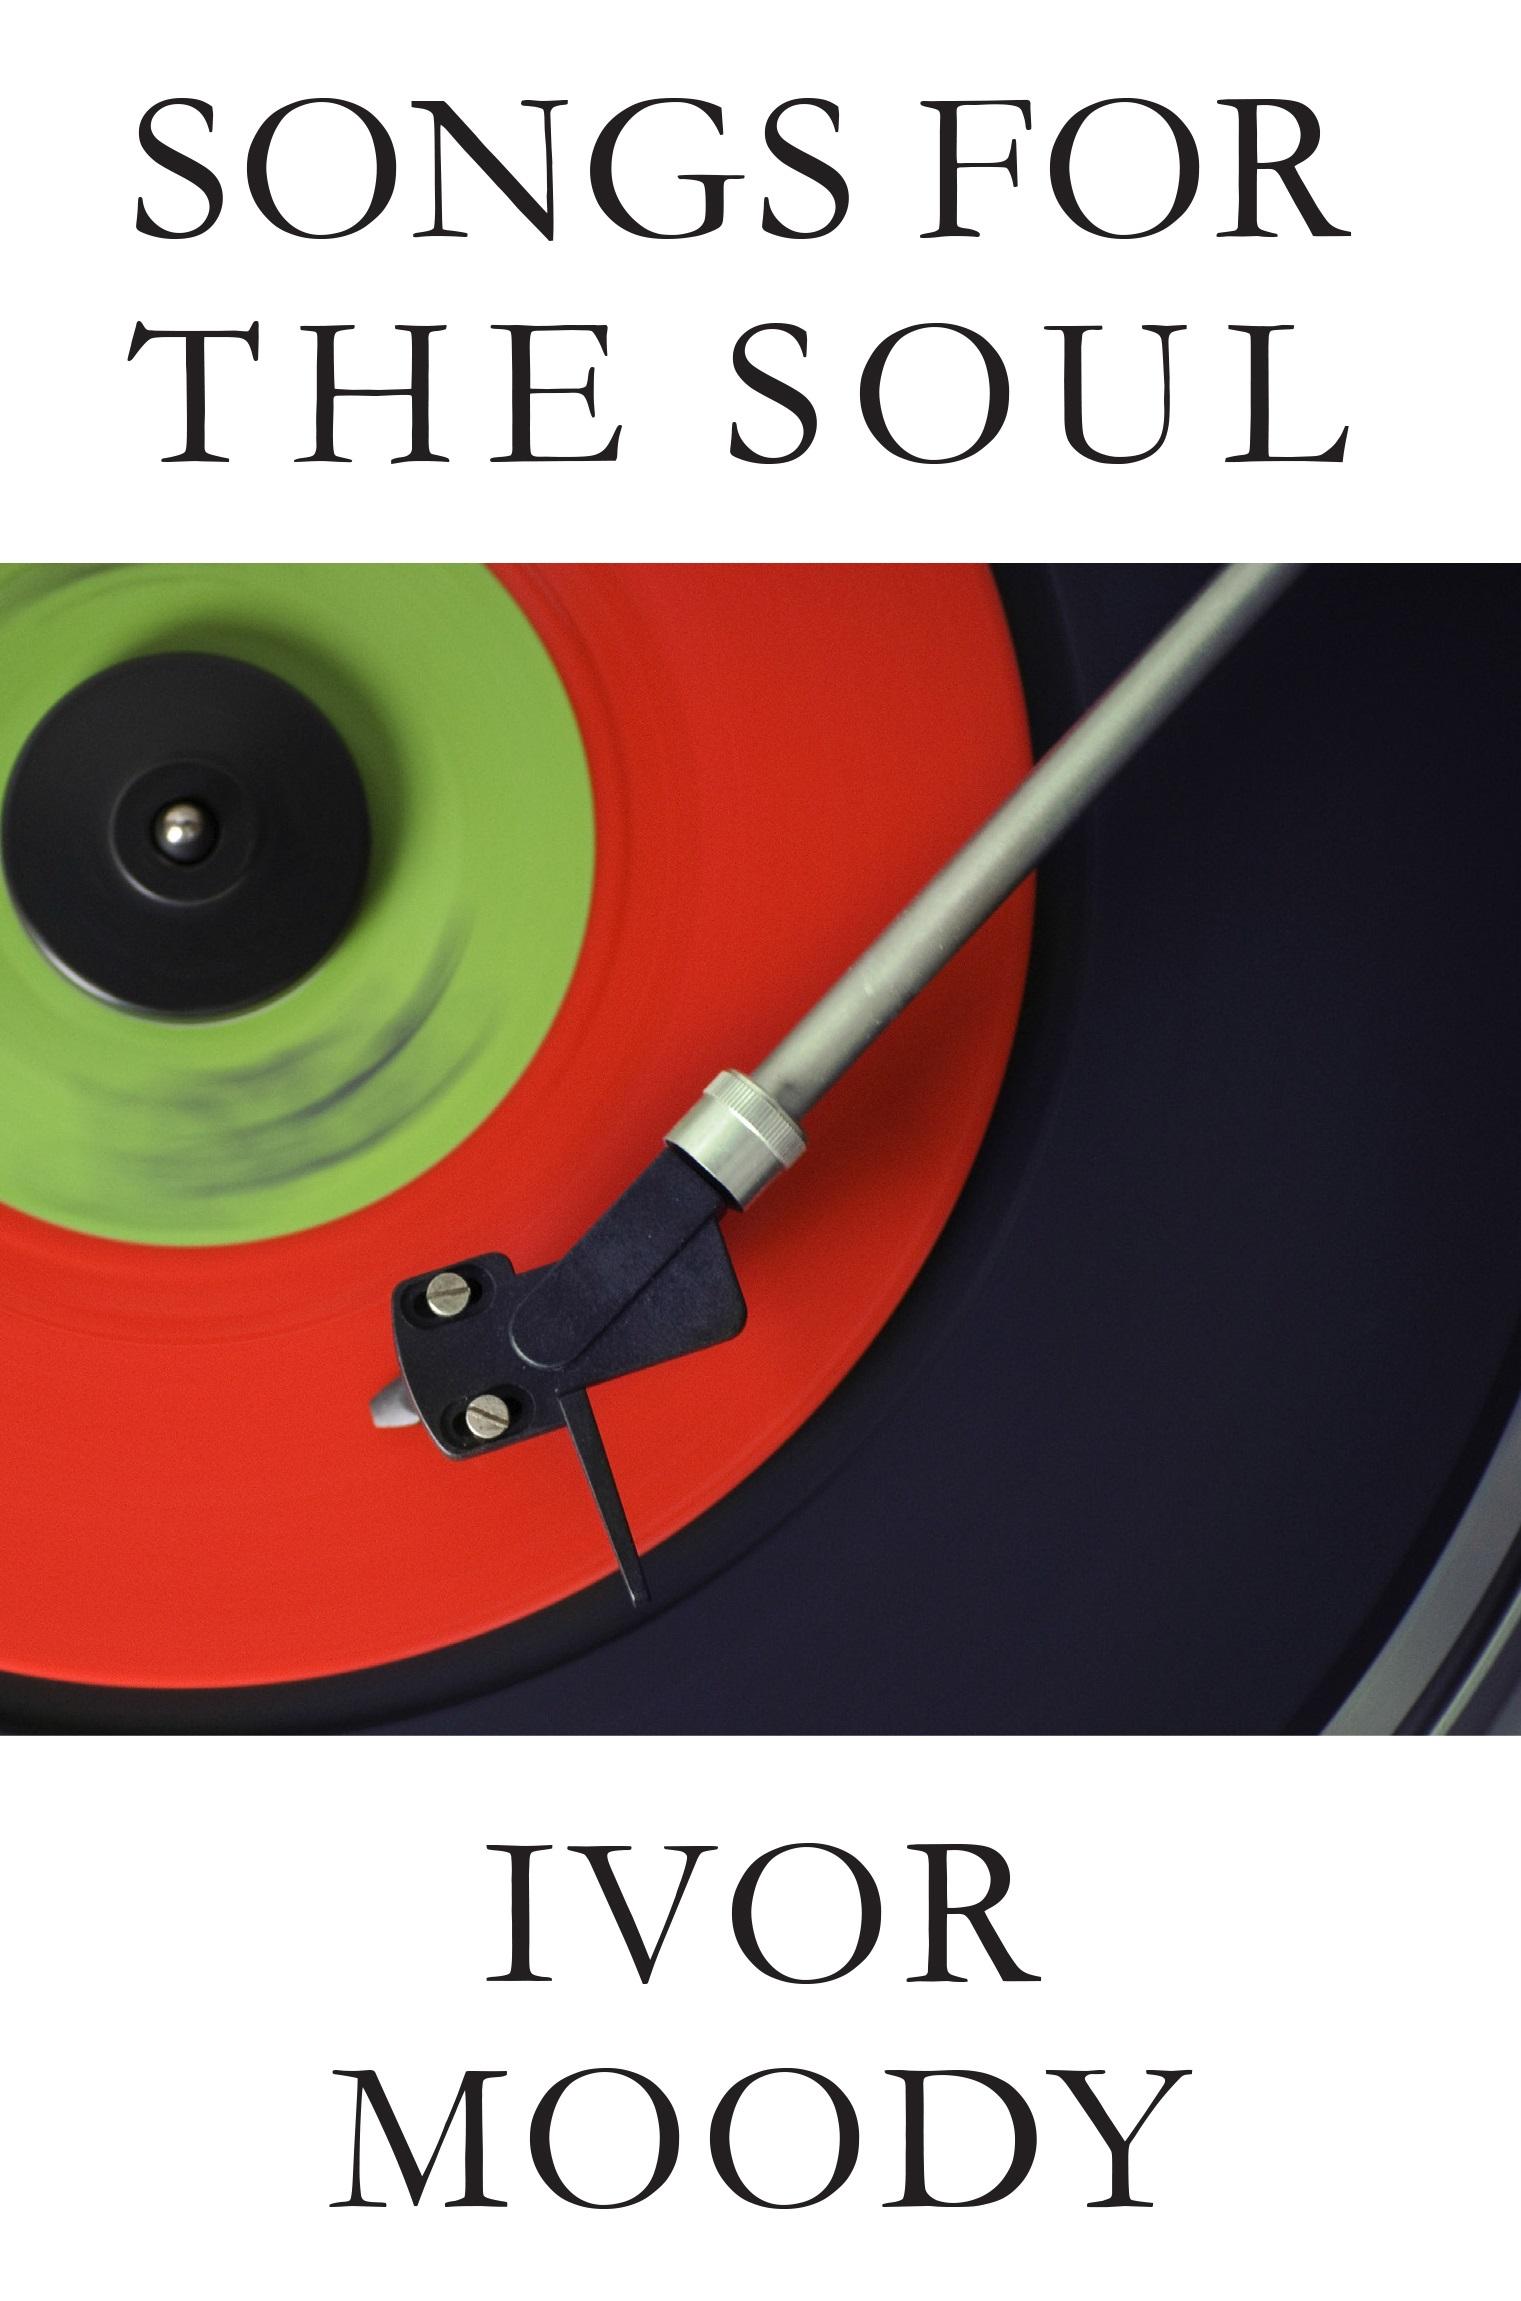 Songs for the Soul.jpg